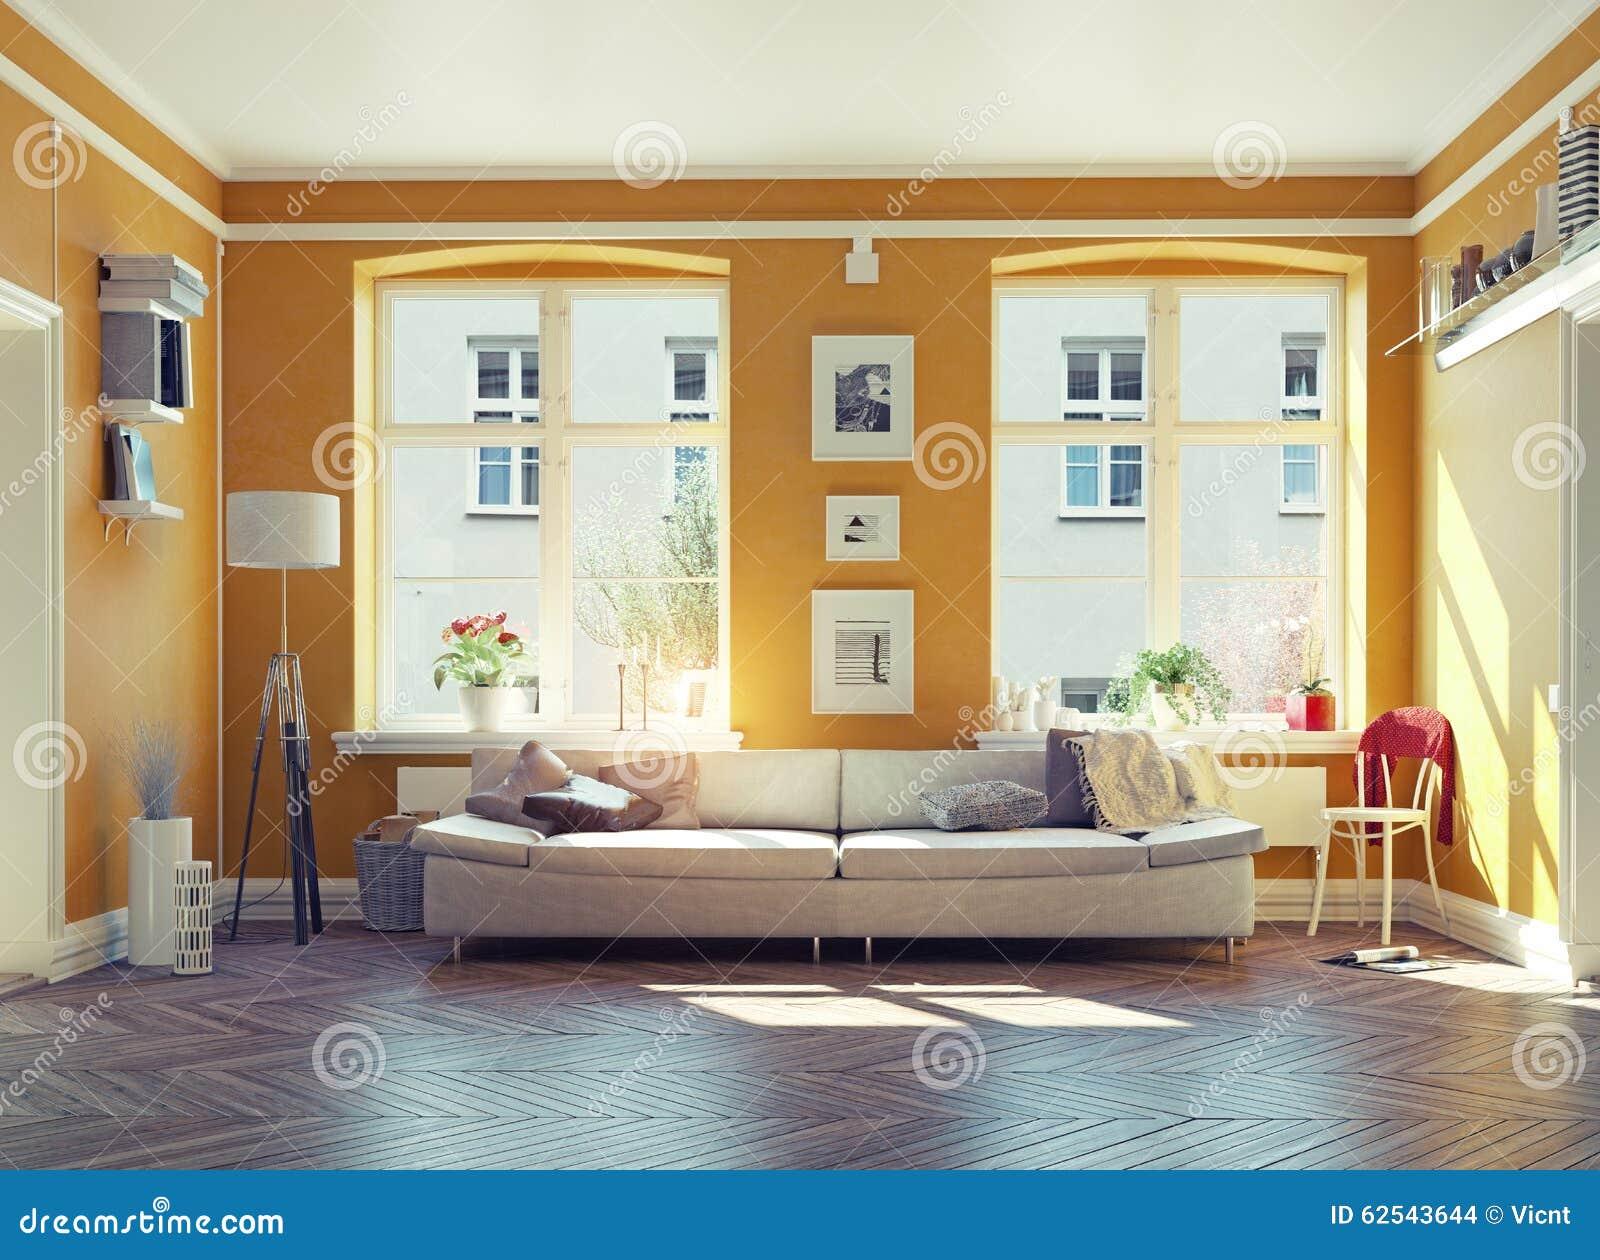 Living room stock illustration image 62543644 for Living room design modern concepts